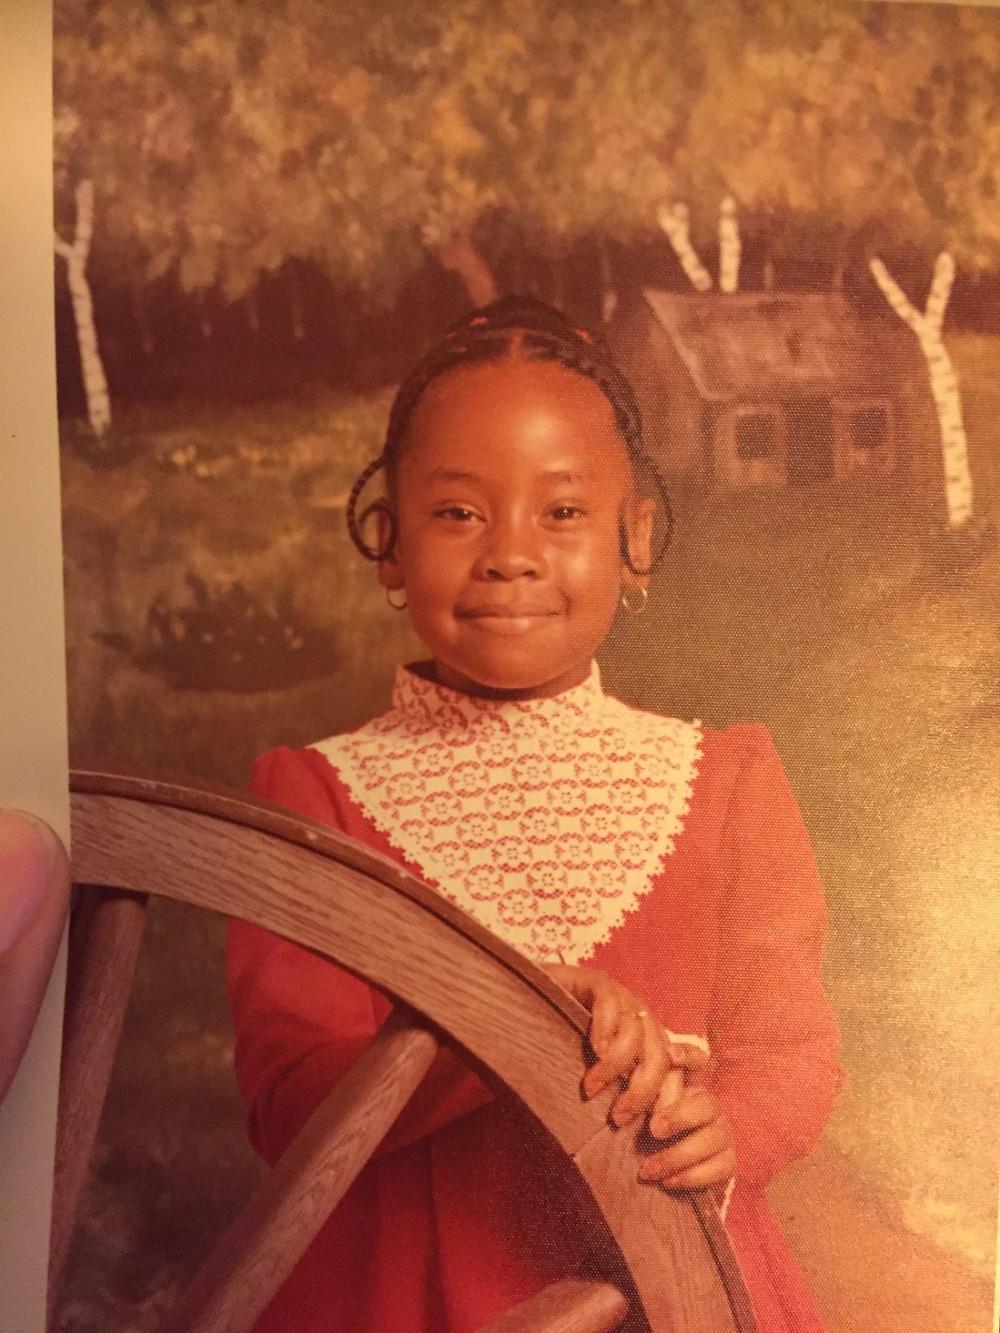 Tiffany at age 8